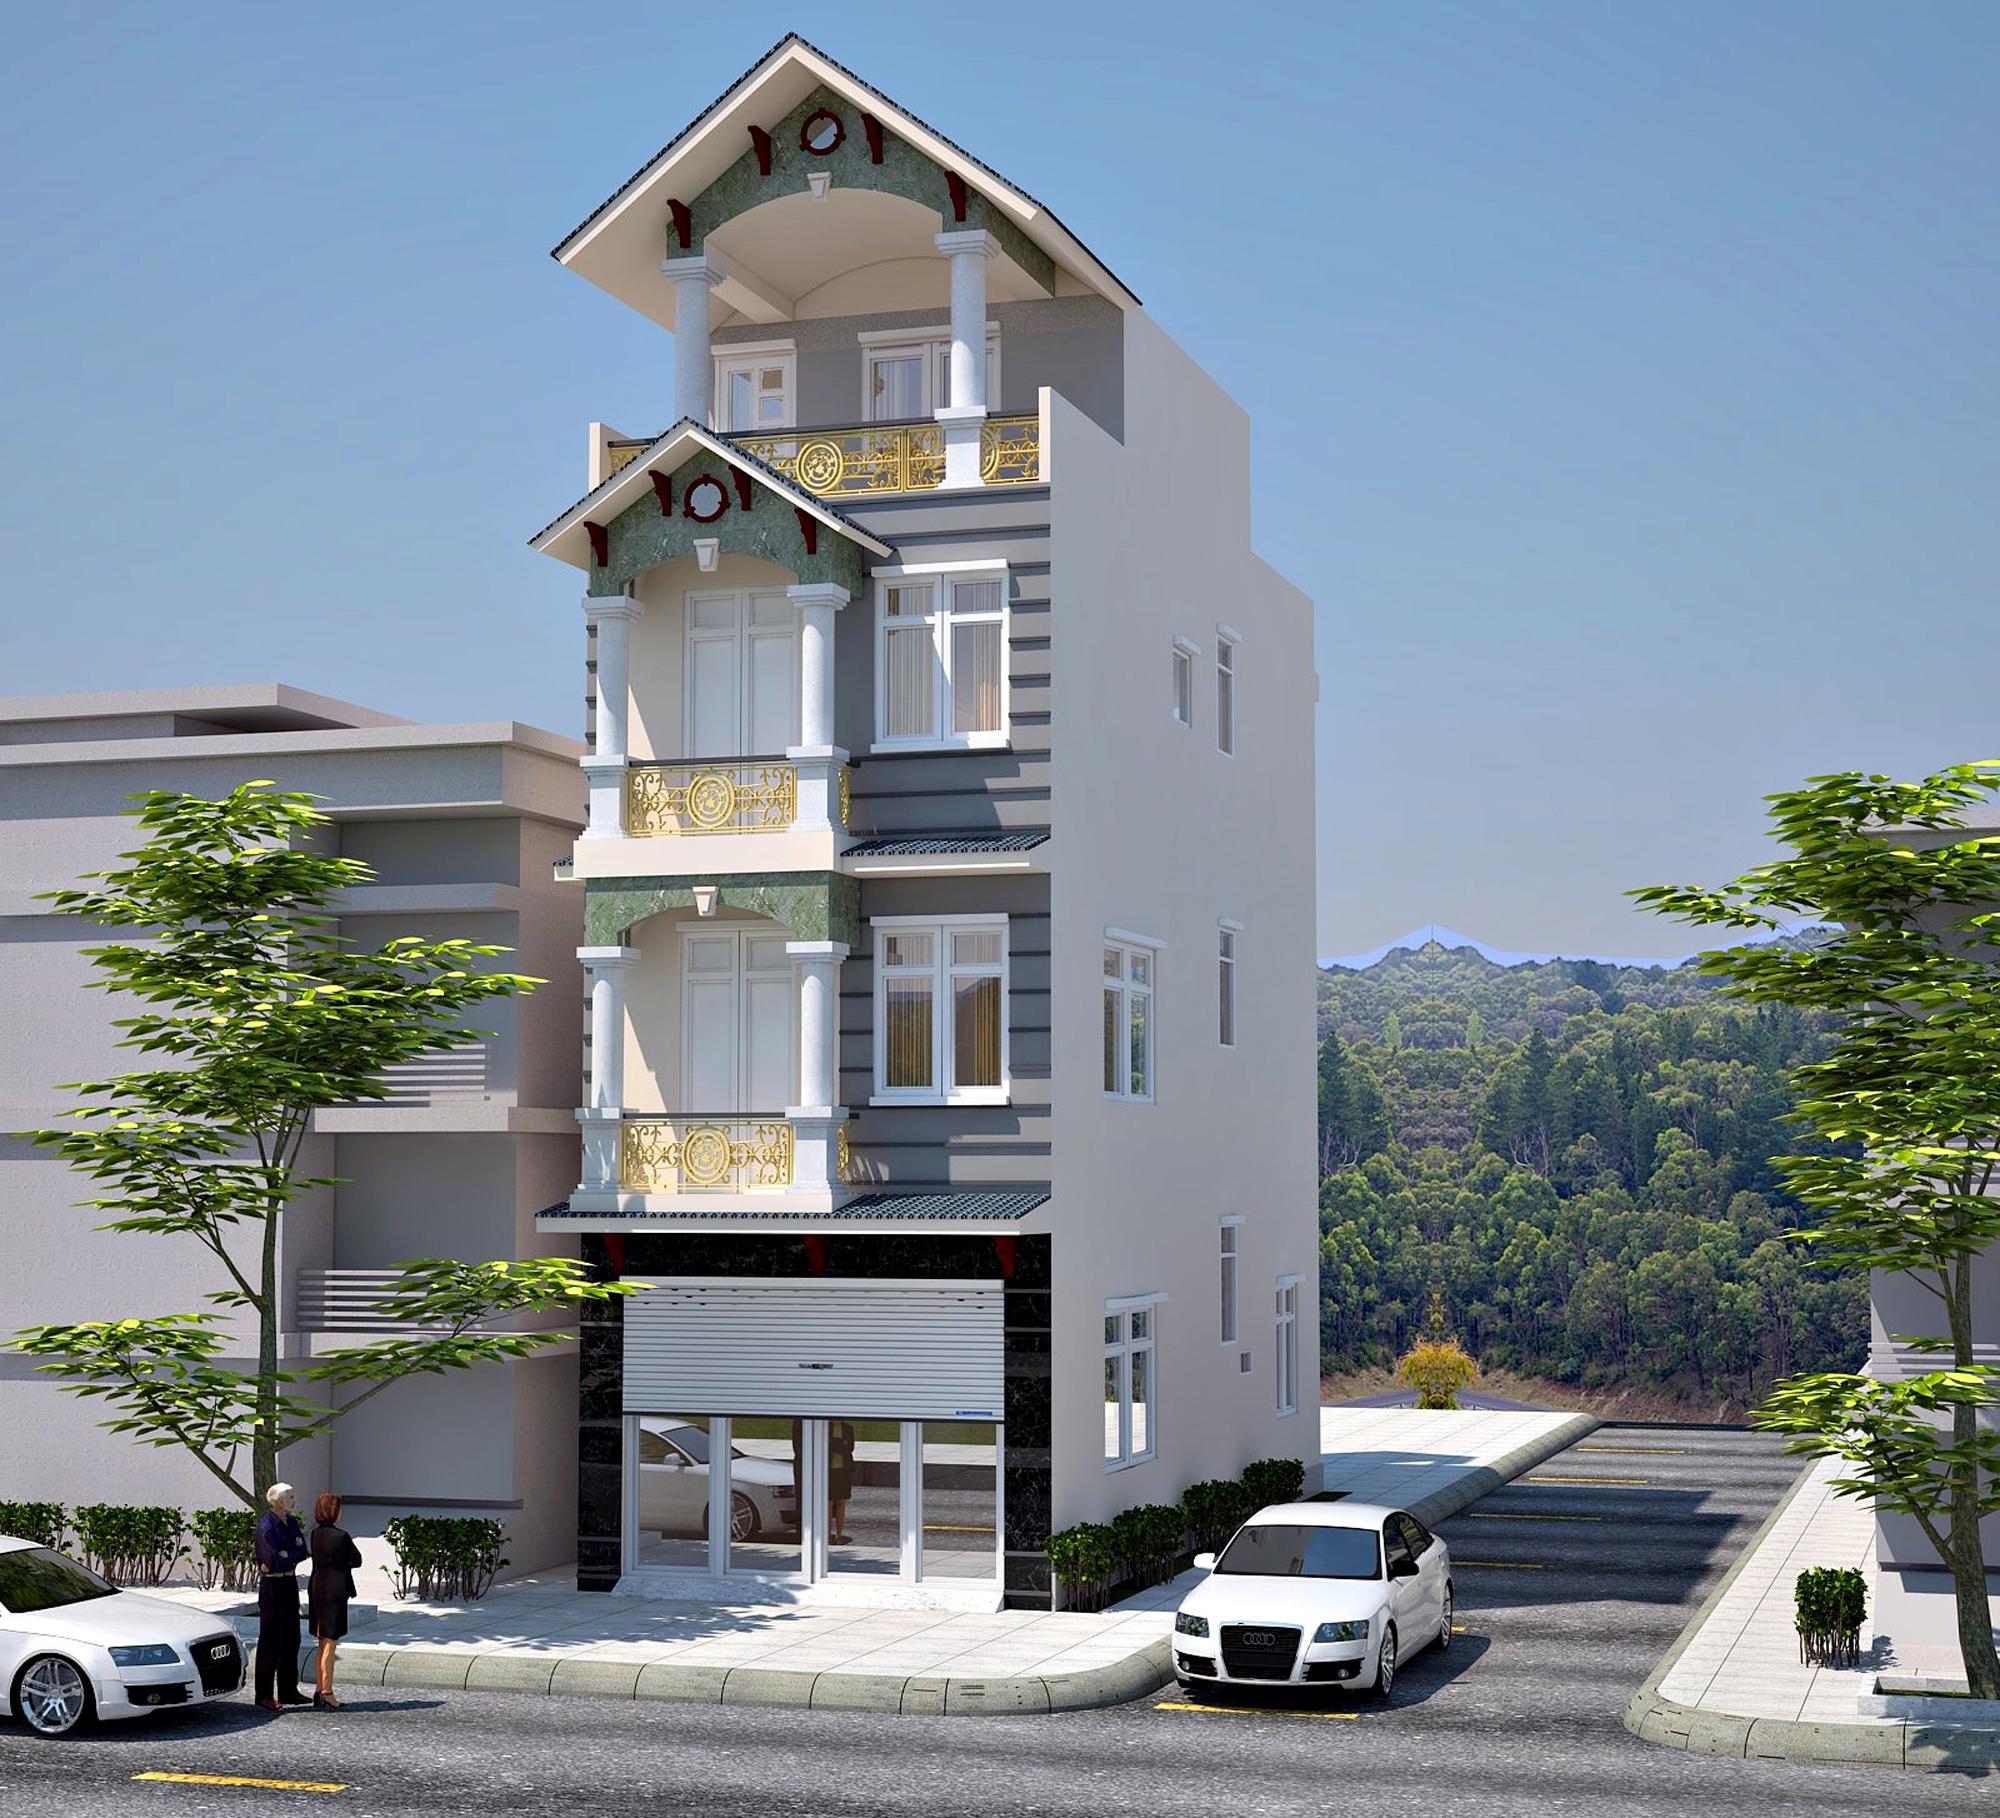 4 Thiết Kế Nhà Tại Vĩnh Phúc giá 50.000đ, Thiết kế nhà đẹp ở Vĩnh Phúc Vĩnh Yên